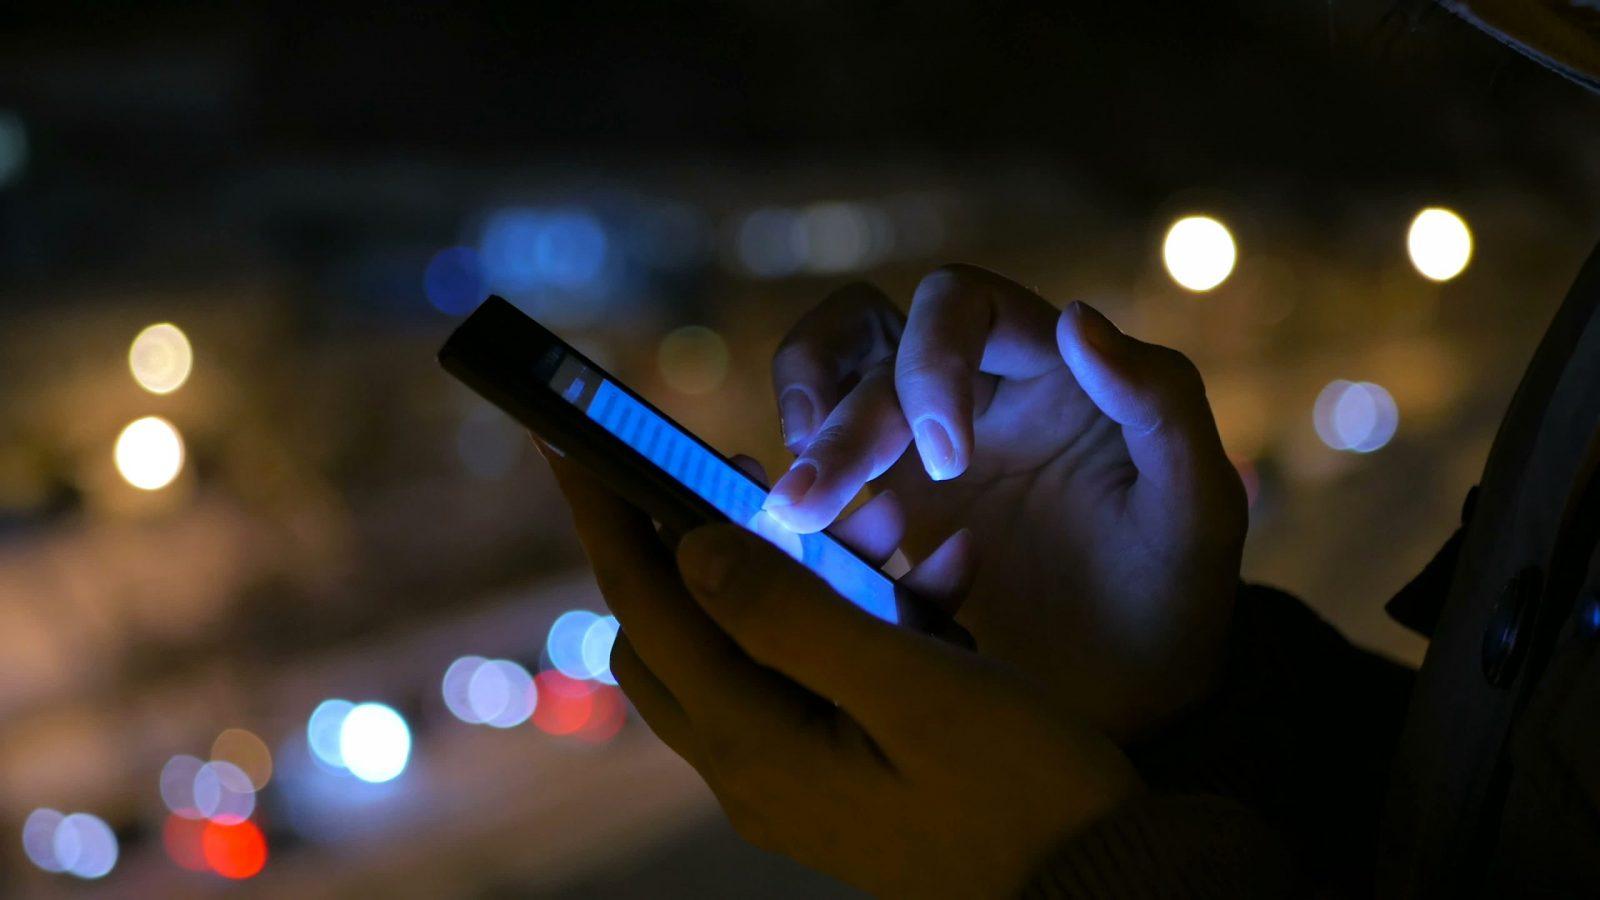 Regierung zögert bei Tracing-Apps - REPORTER